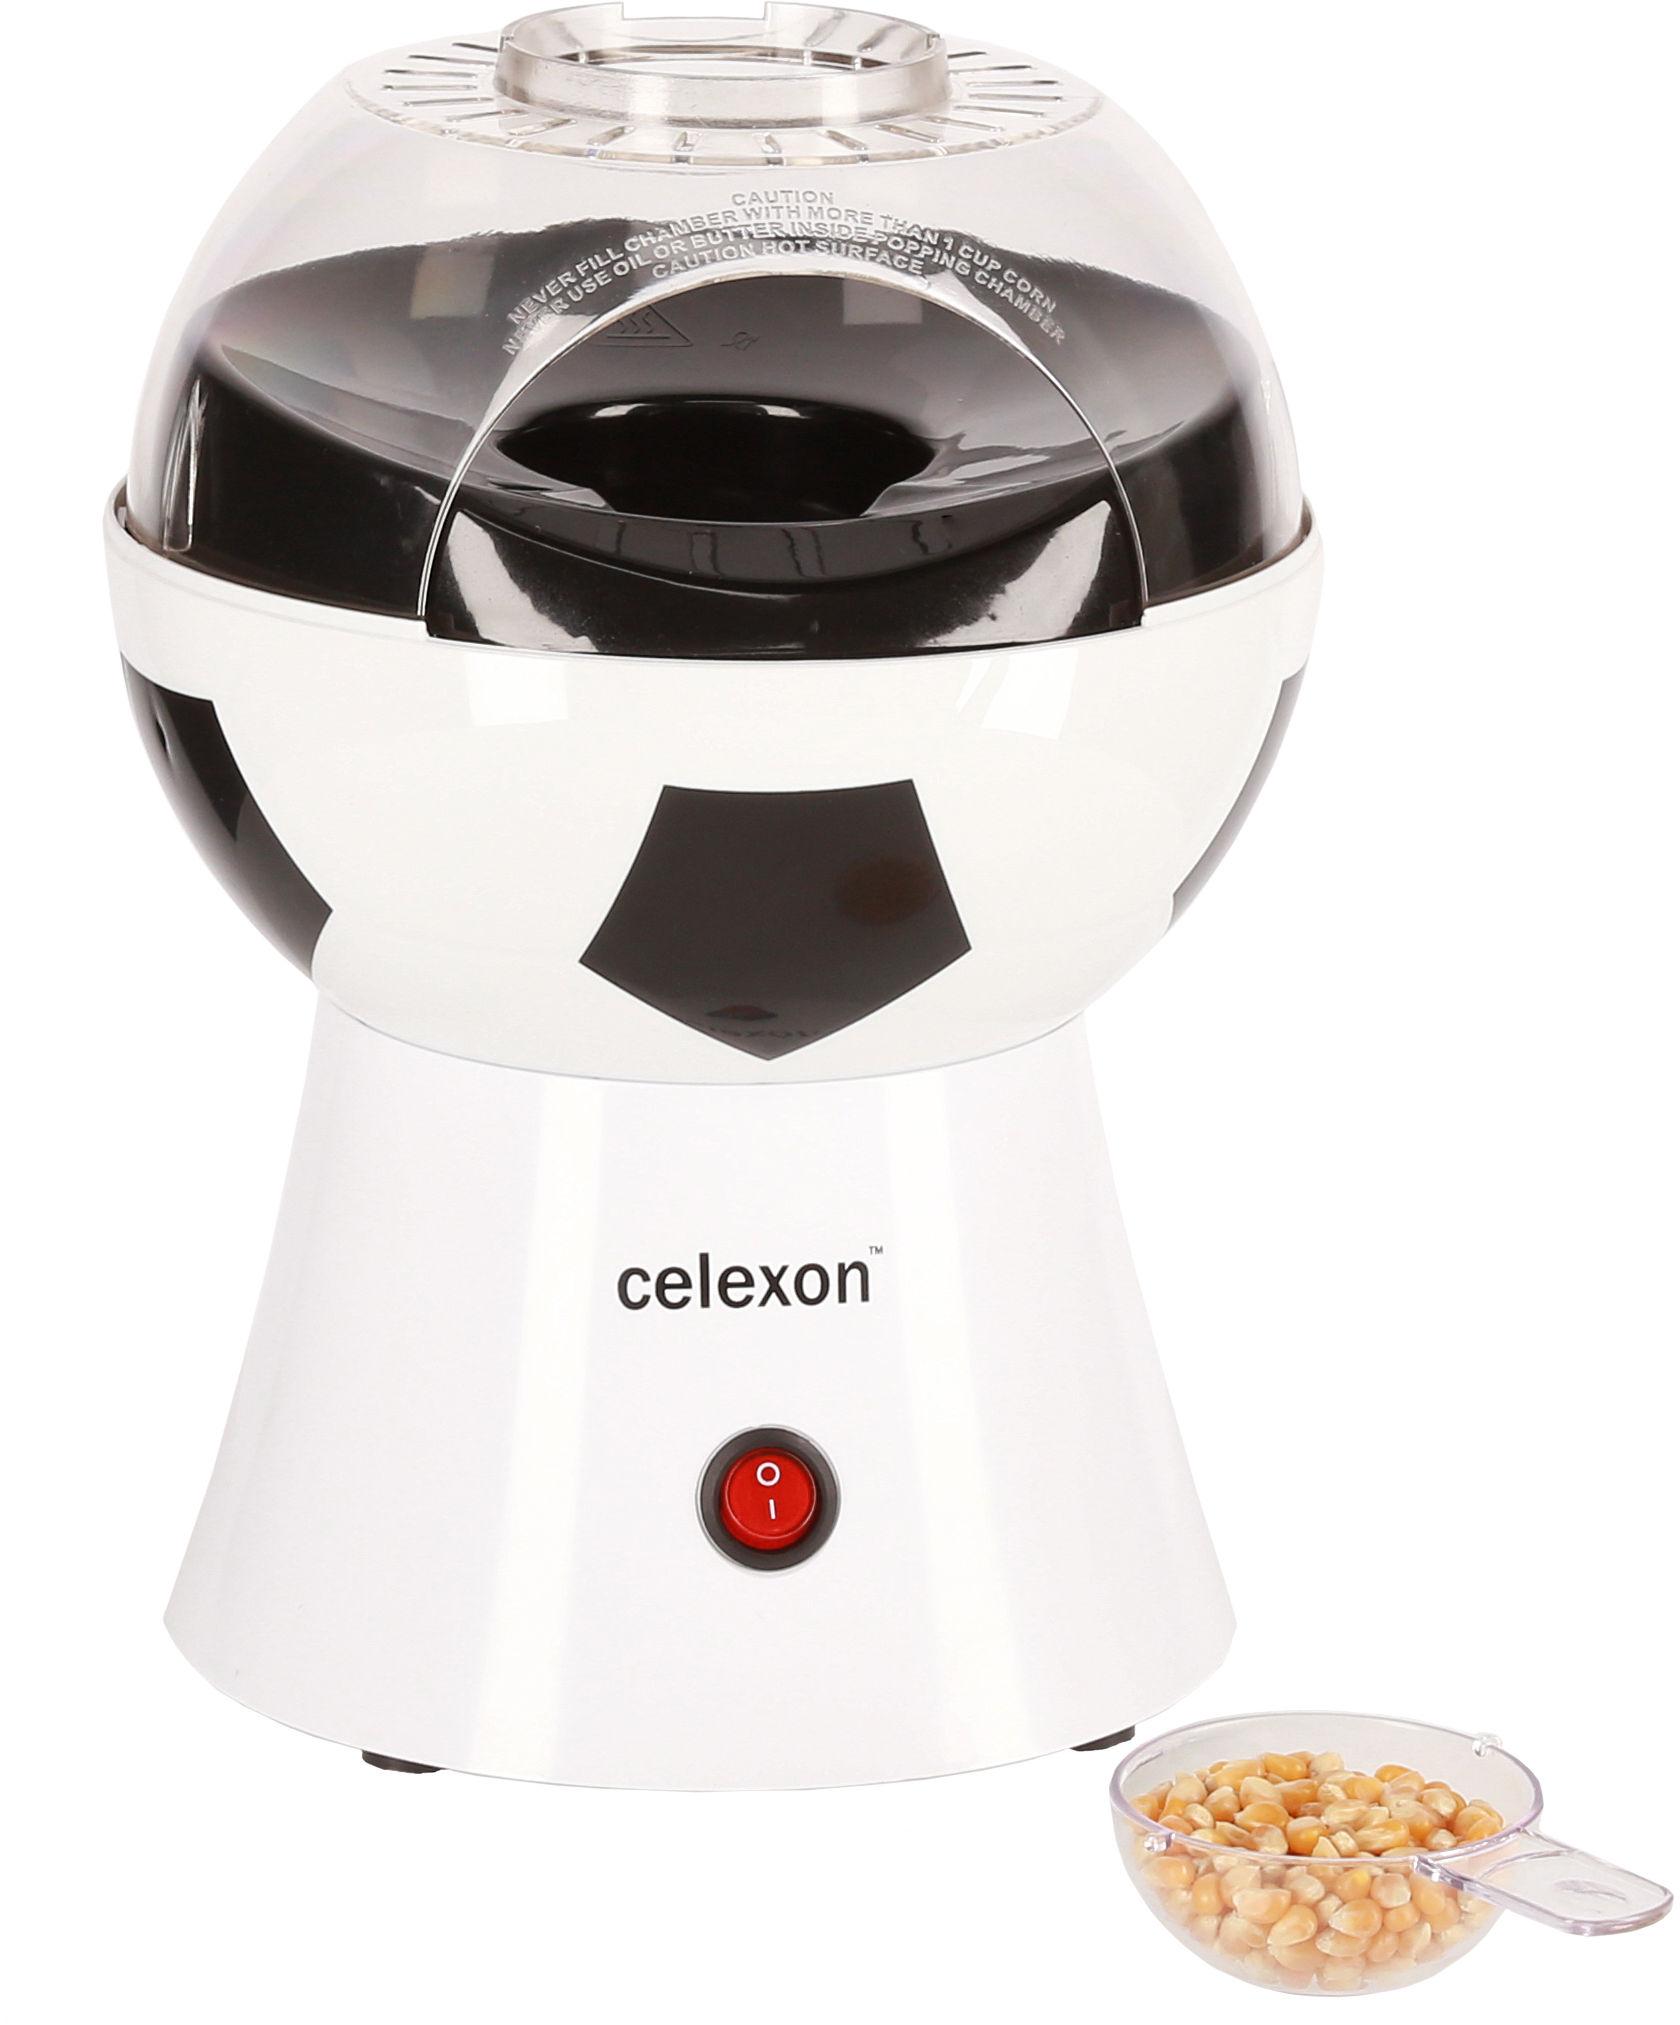 celexon SoccerPop SP10 maszyna do popcornu bez oleju